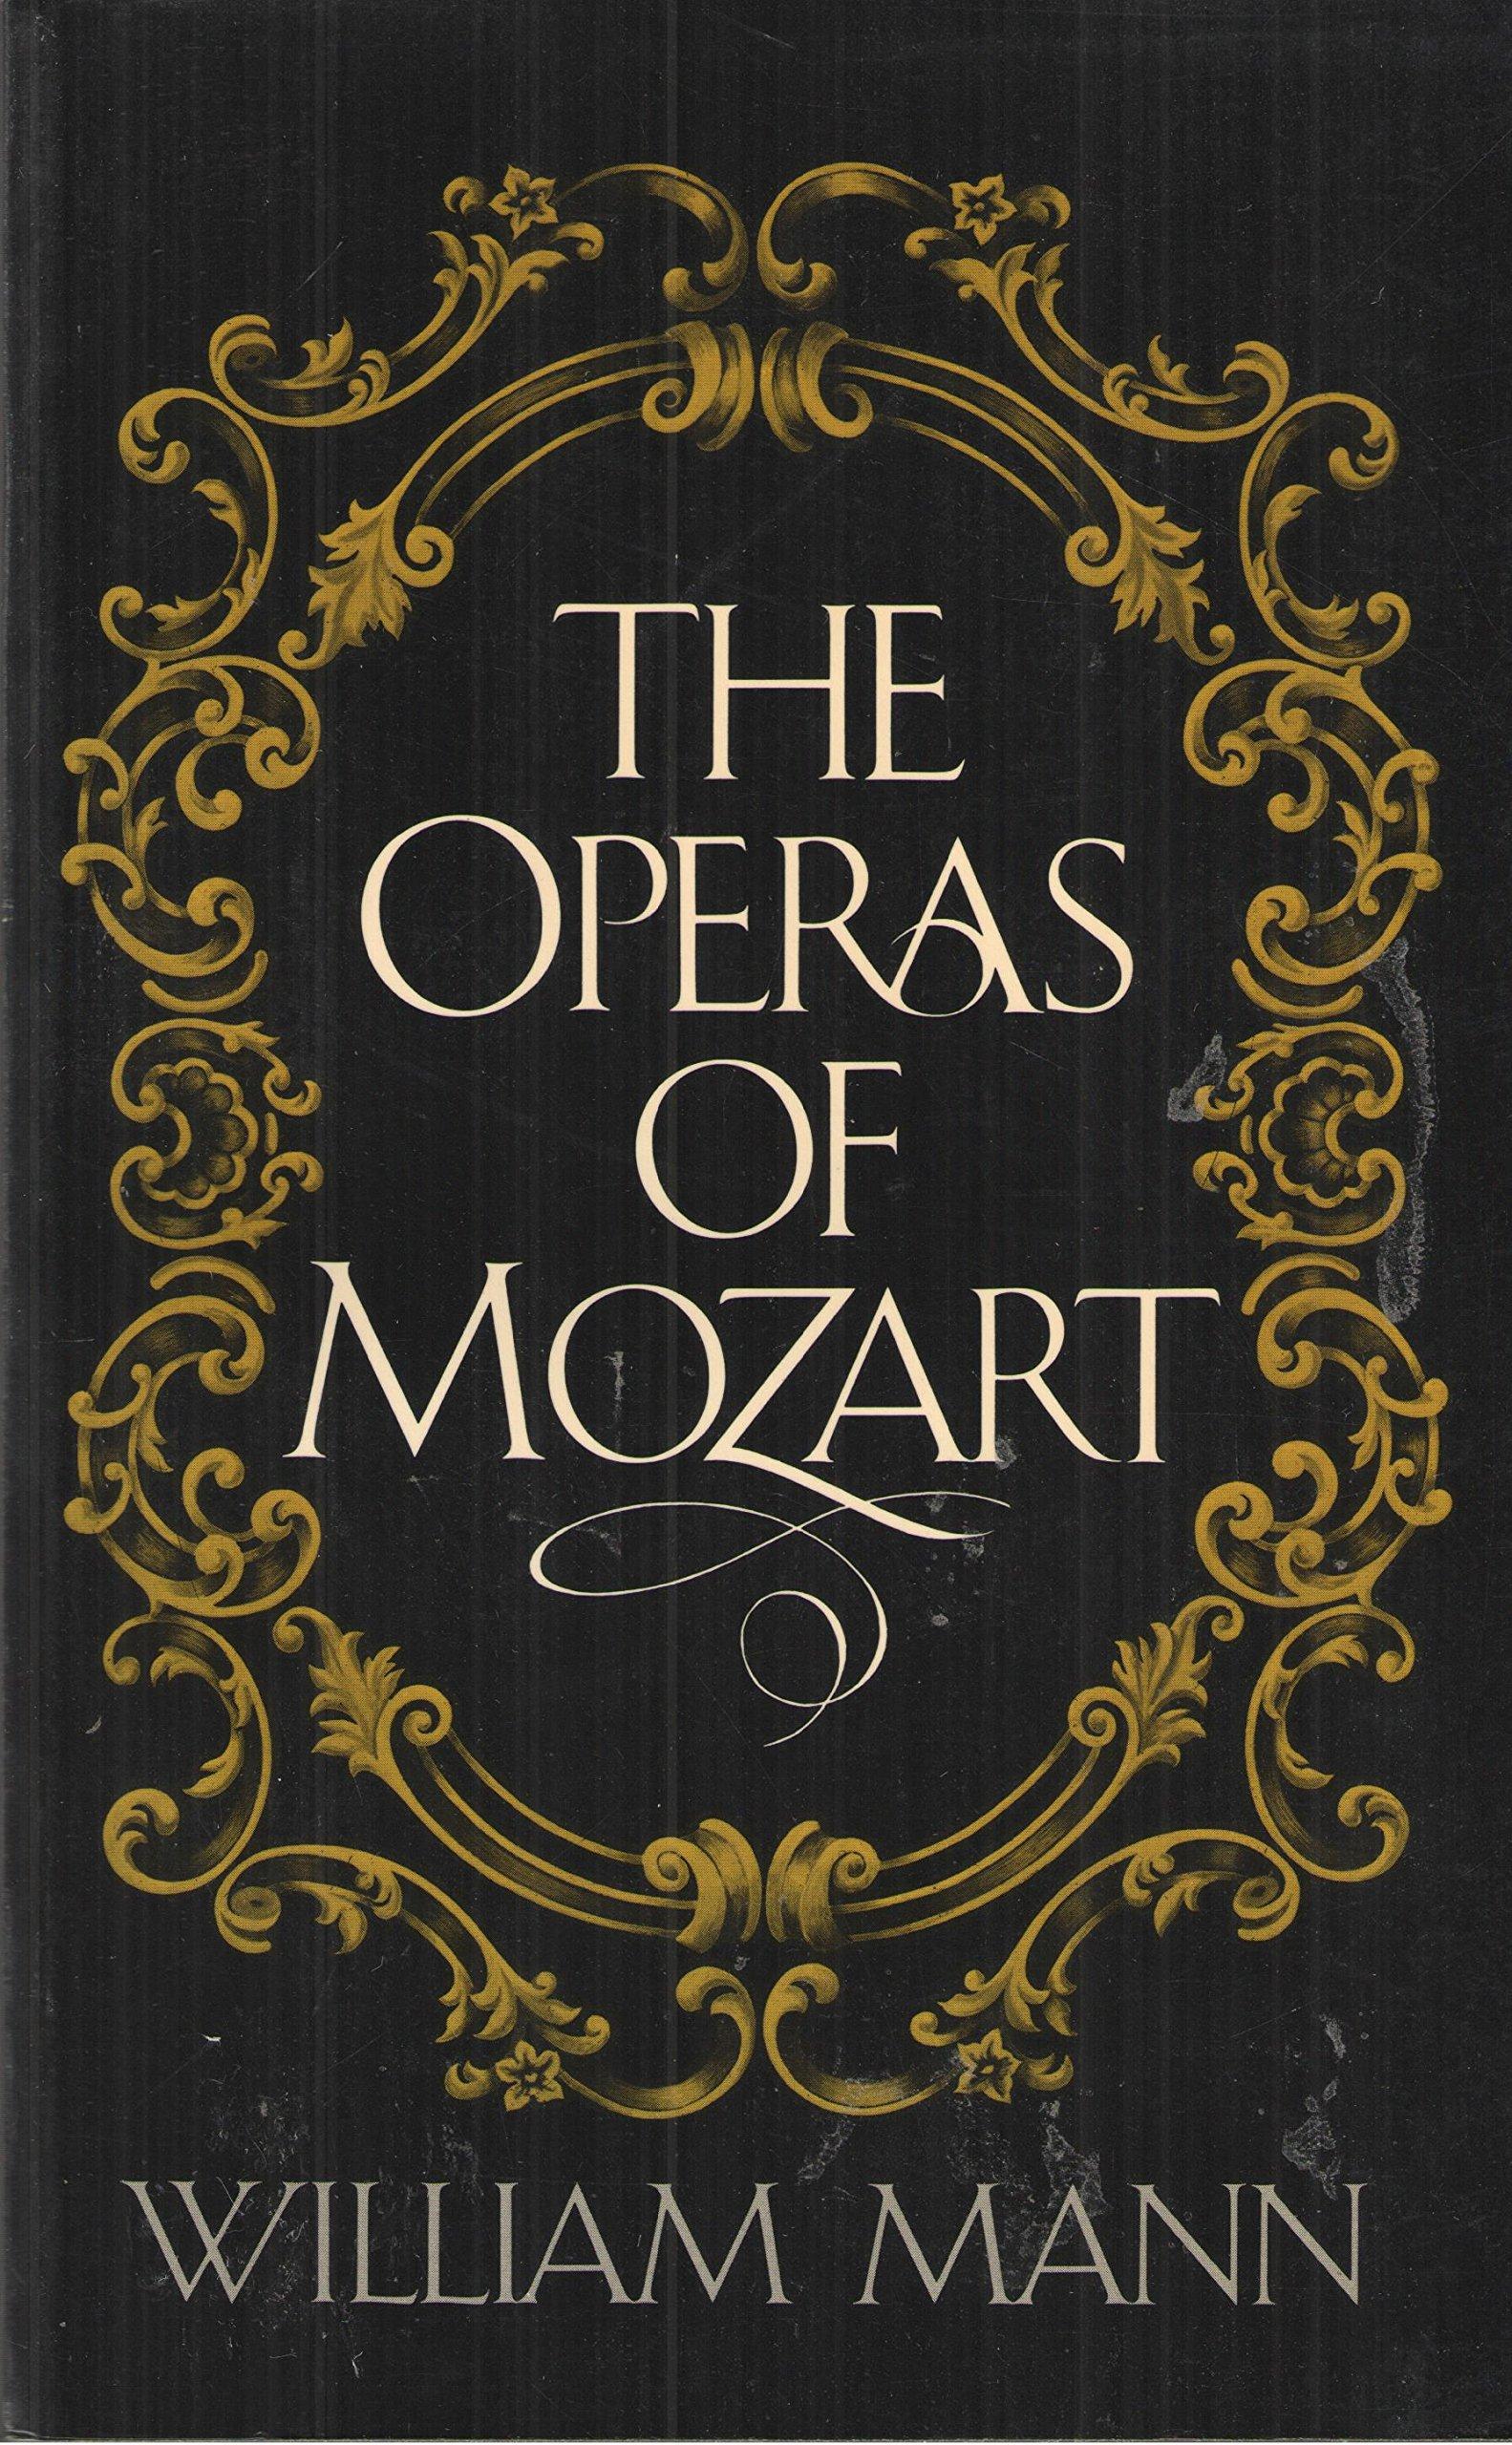 The Operas of Mozart: Amazon.de: Mann, William: Fremdsprachige Bücher